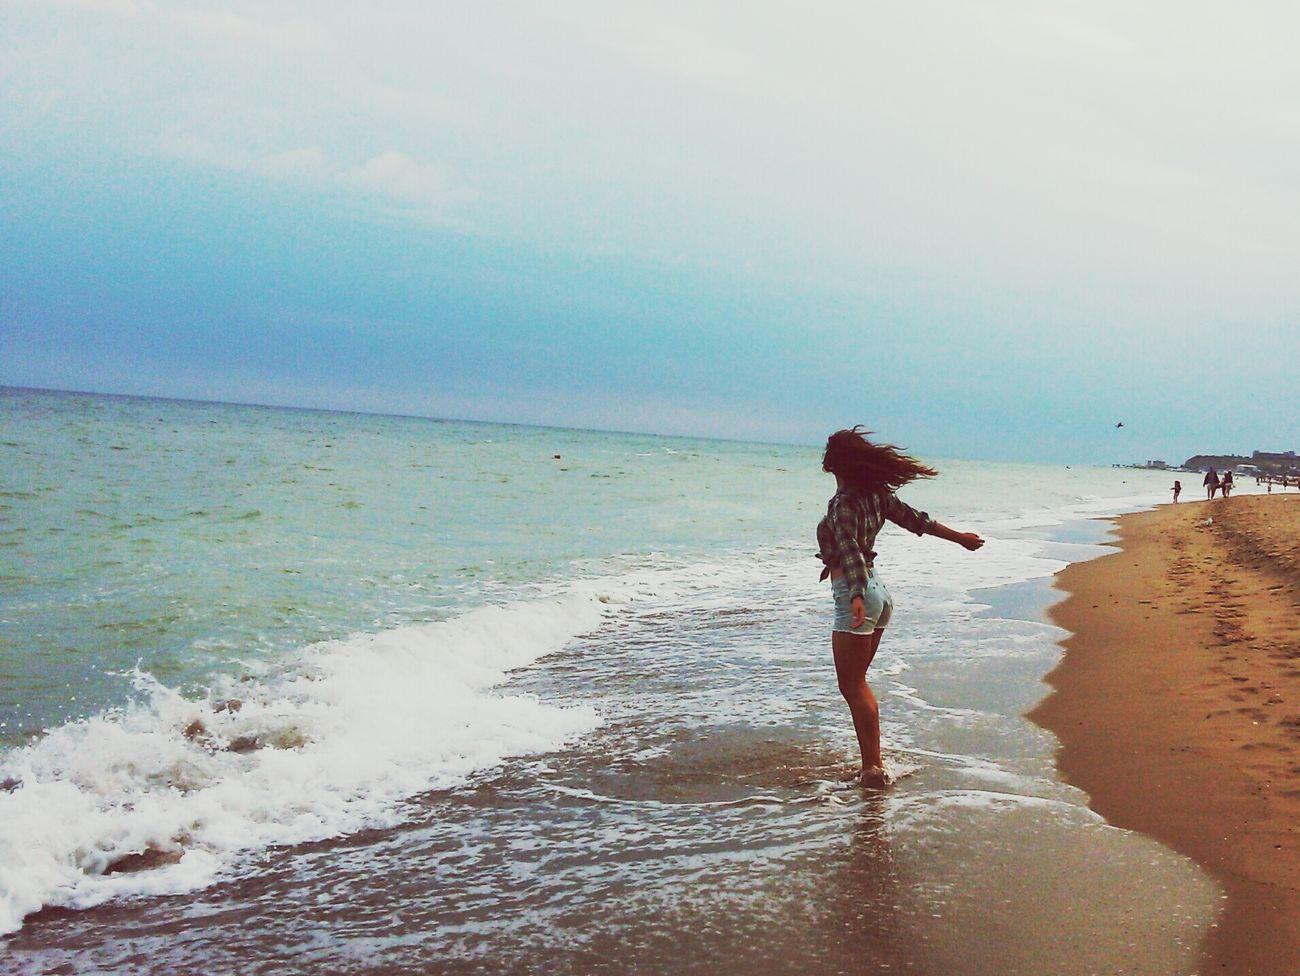 тольколетом танцуй порывыветра летняяколлекция волнааа мореэмоций морское